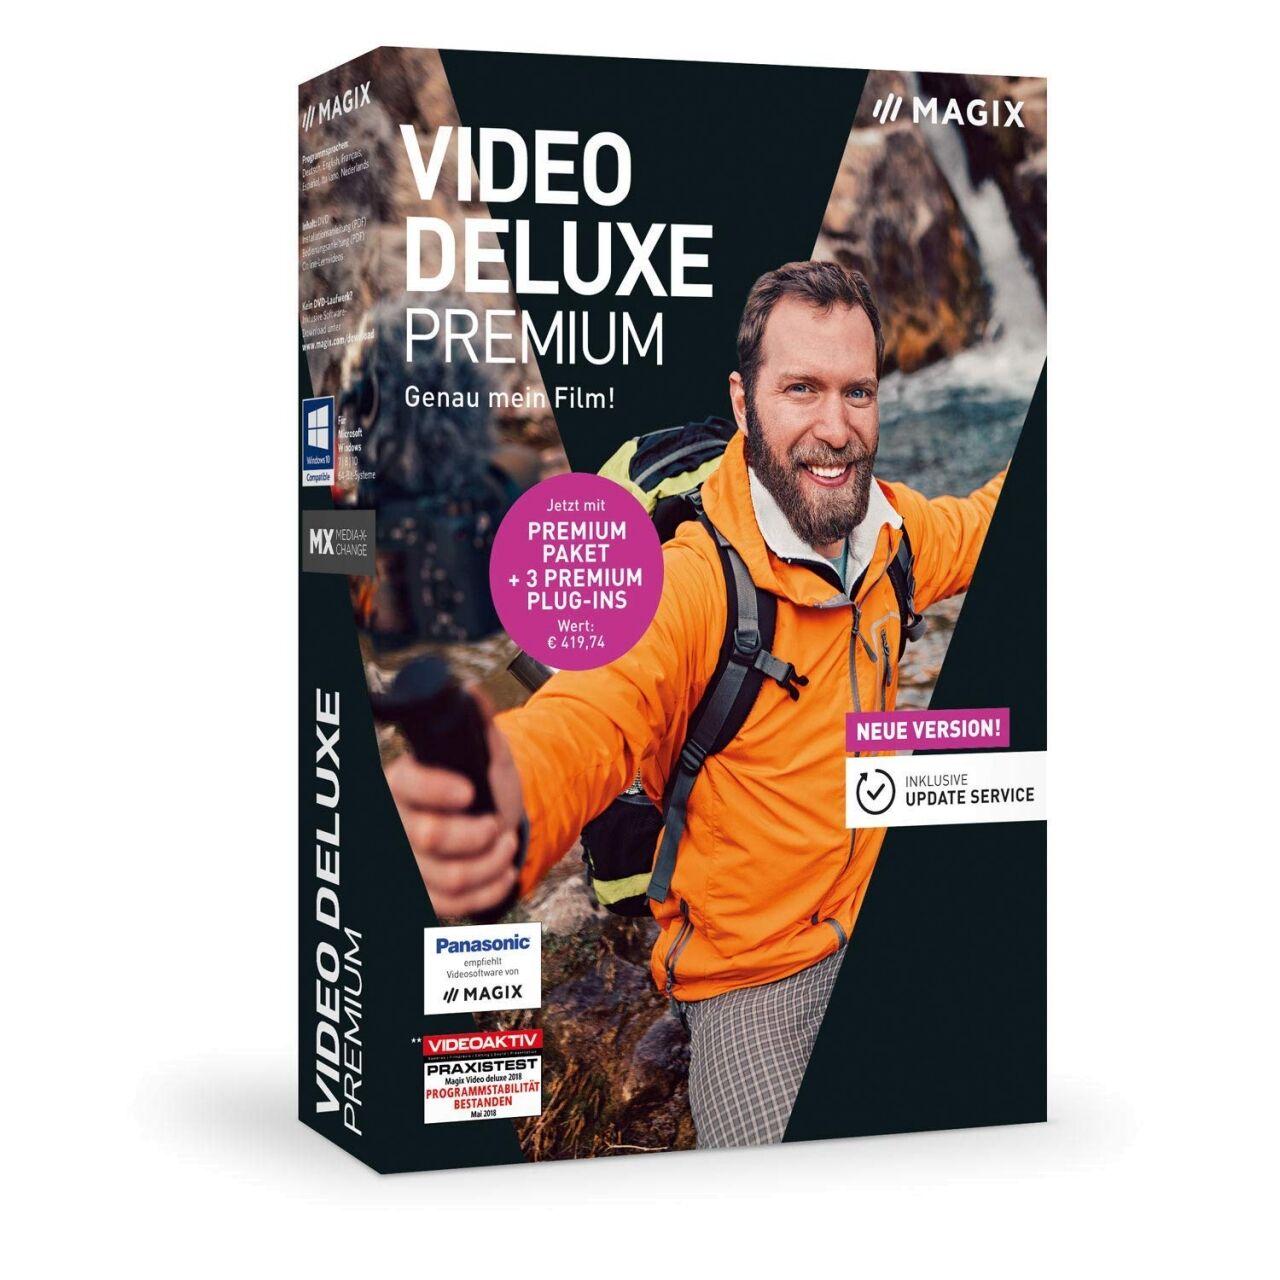 MAGIX Video Deluxe 2019 Premium Gagnez Télécharger BOX (DVD)